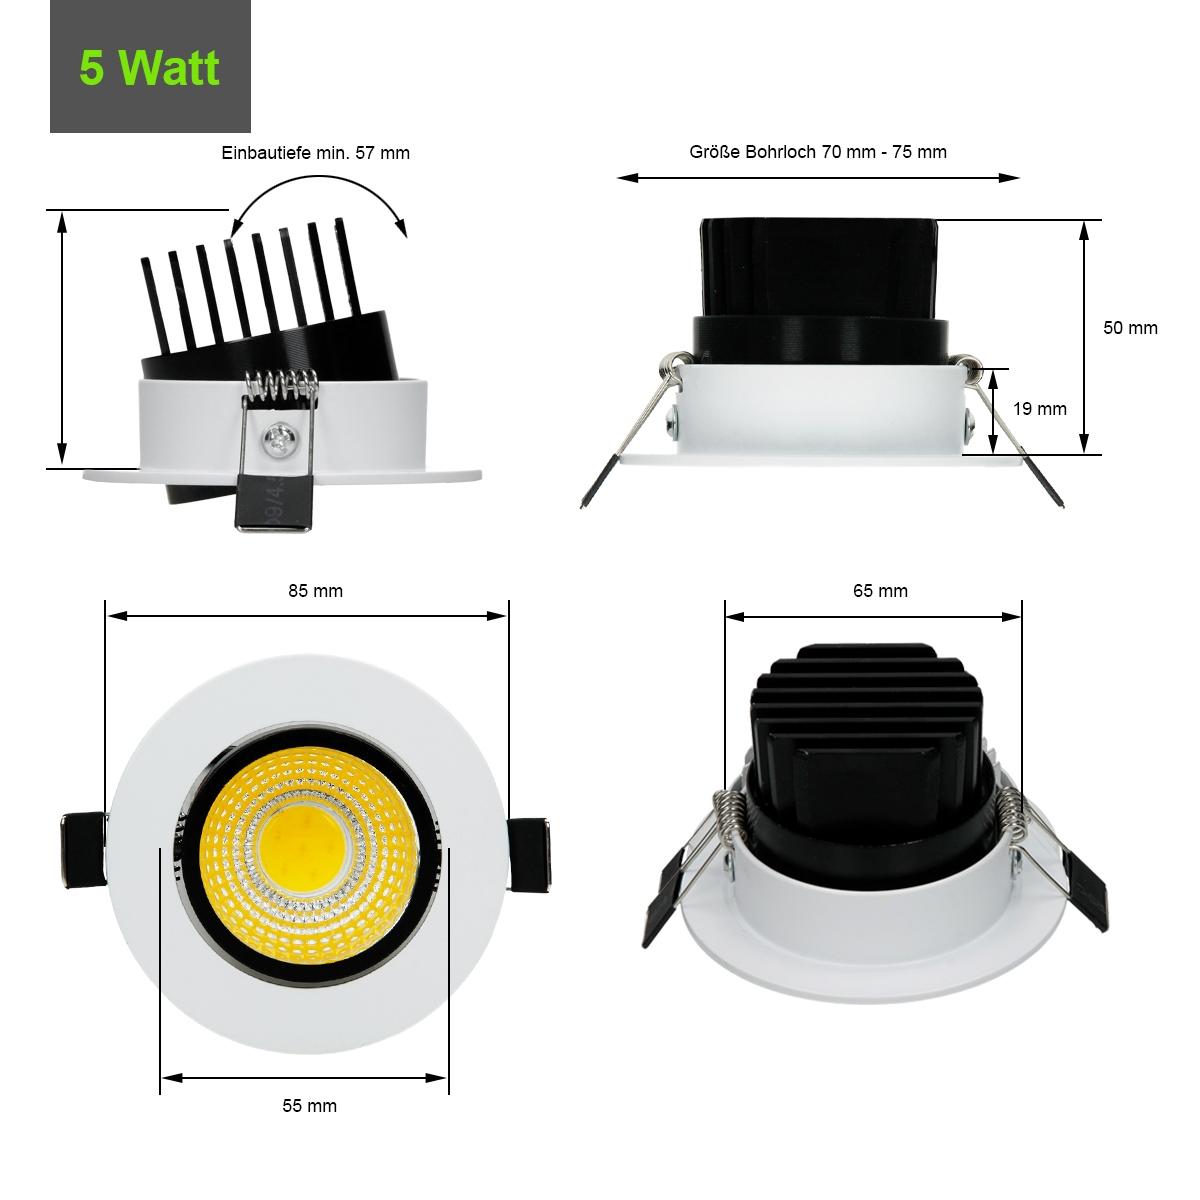 3w 5w 7w 9w 12w led cob einbaustrahler einbauleuchte einbau strahler deckenlampe ebay. Black Bedroom Furniture Sets. Home Design Ideas